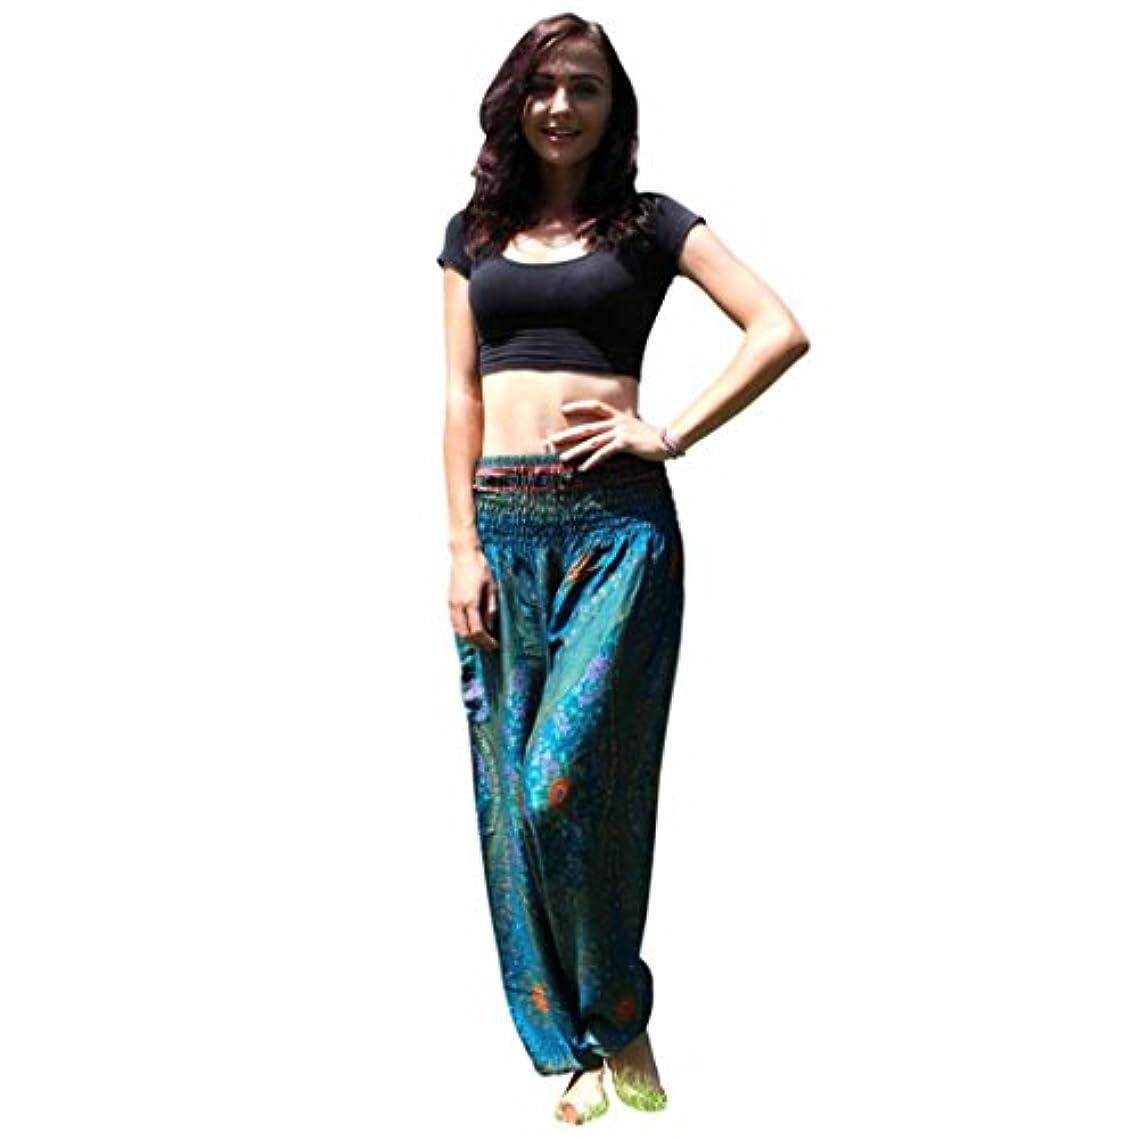 リズム溶かす文字Mhomzawa パンツ男性女性タイのハレムのズボンフェスティバルヒッピーのスモックハイウエストのパンツのタイハーレムヨガ?パンツ